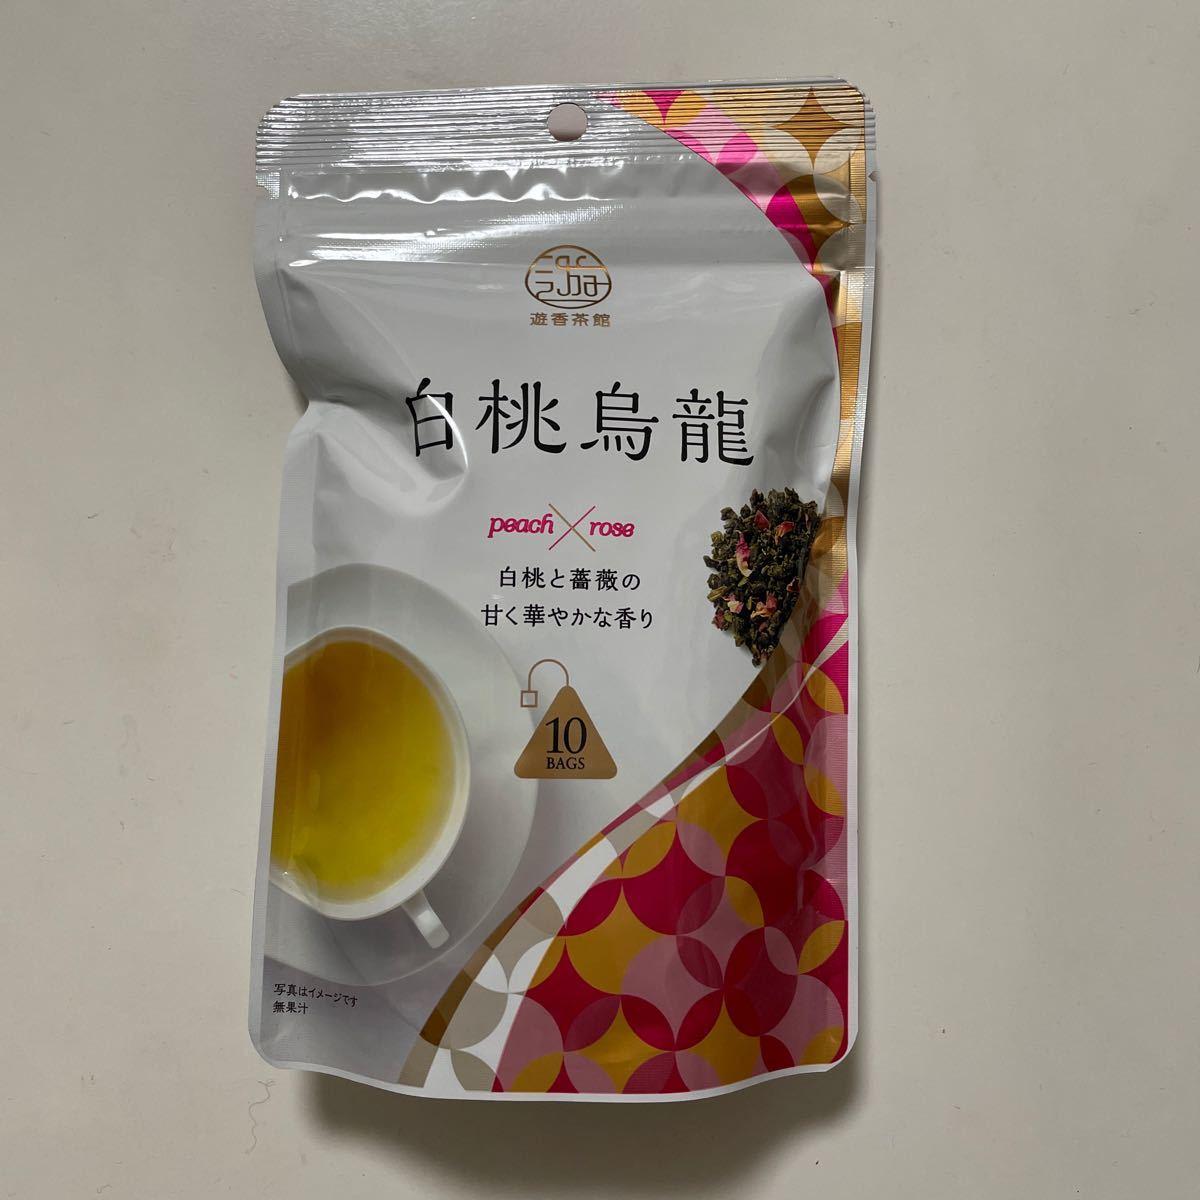 日東紅茶 遊香茶館 白桃烏龍 ティーバッグ 1袋(10バッグ入)